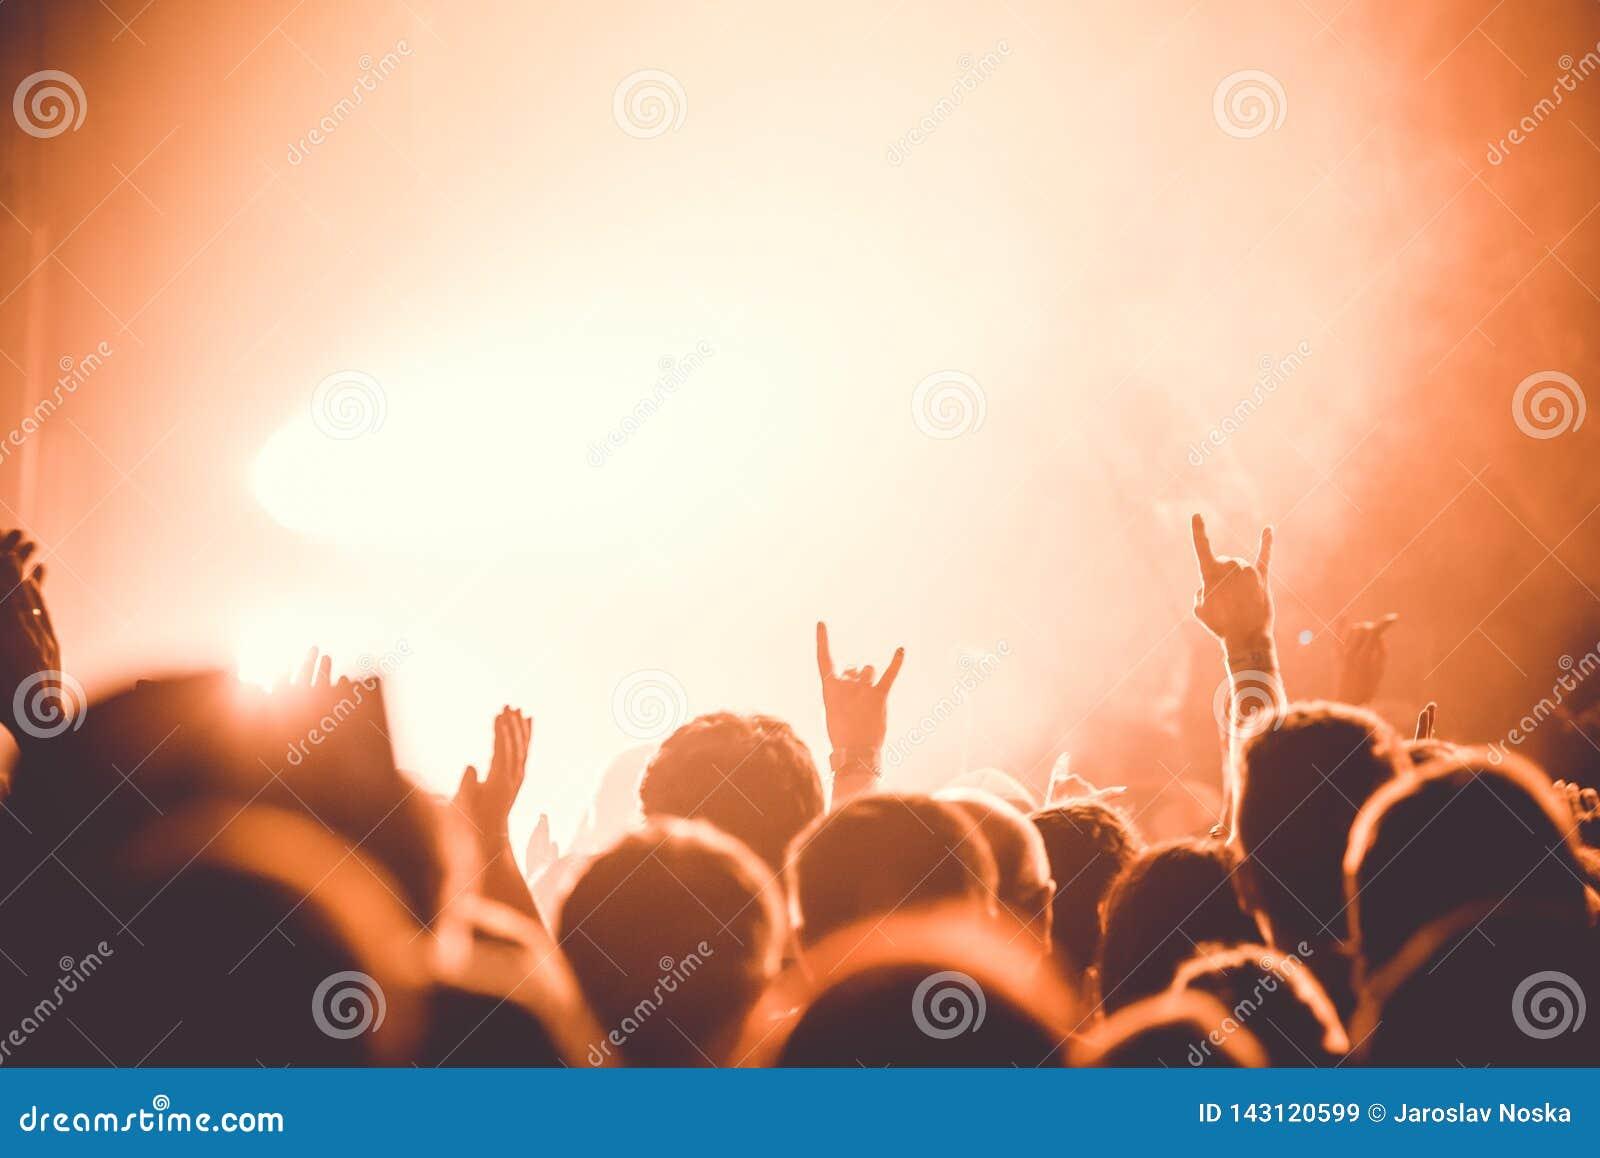 Hände auf dem Rockkonzert